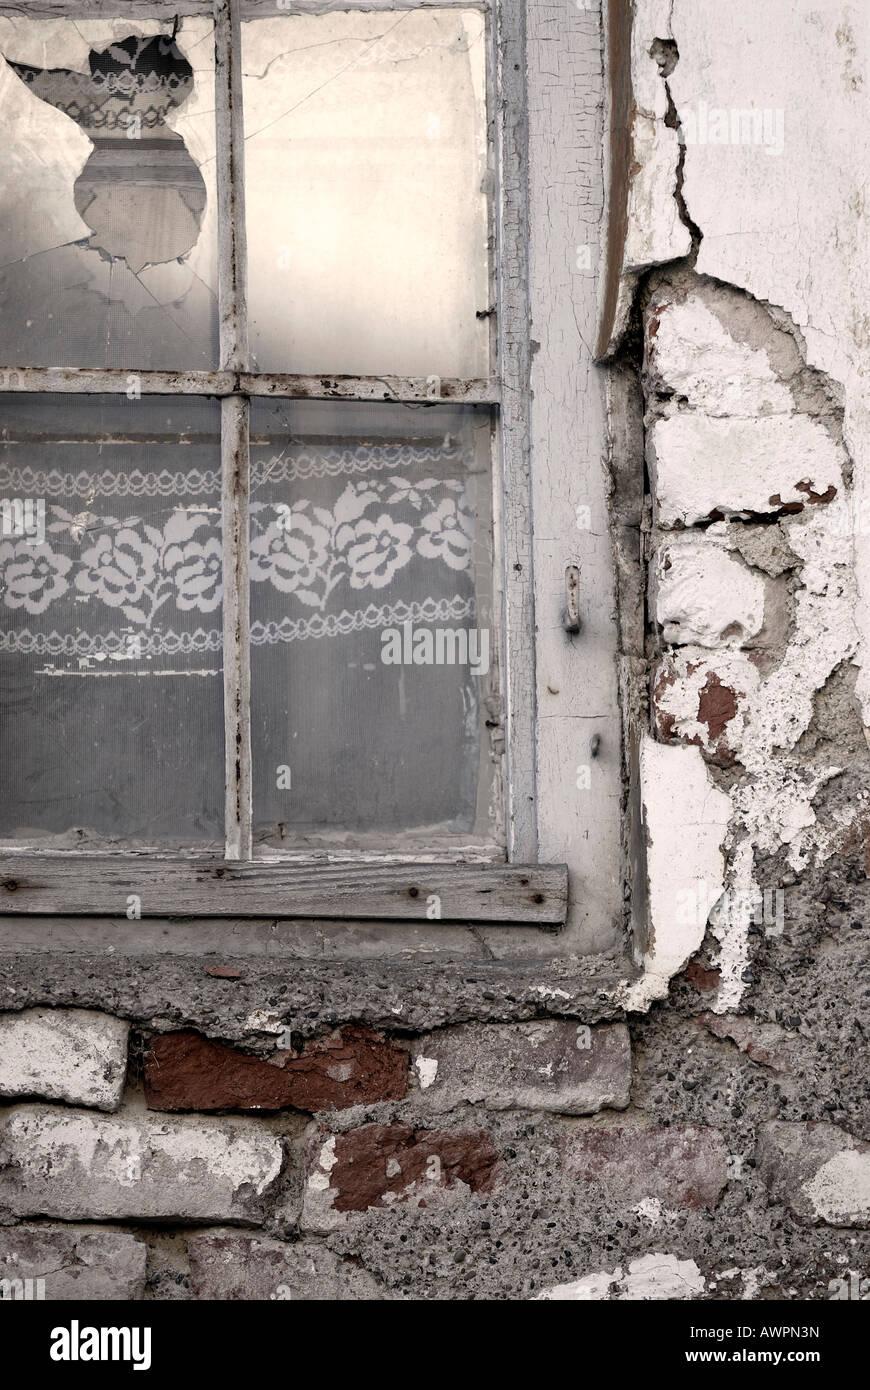 Fenster Mit Gardinen Stock Photos & Fenster Mit Gardinen Stock